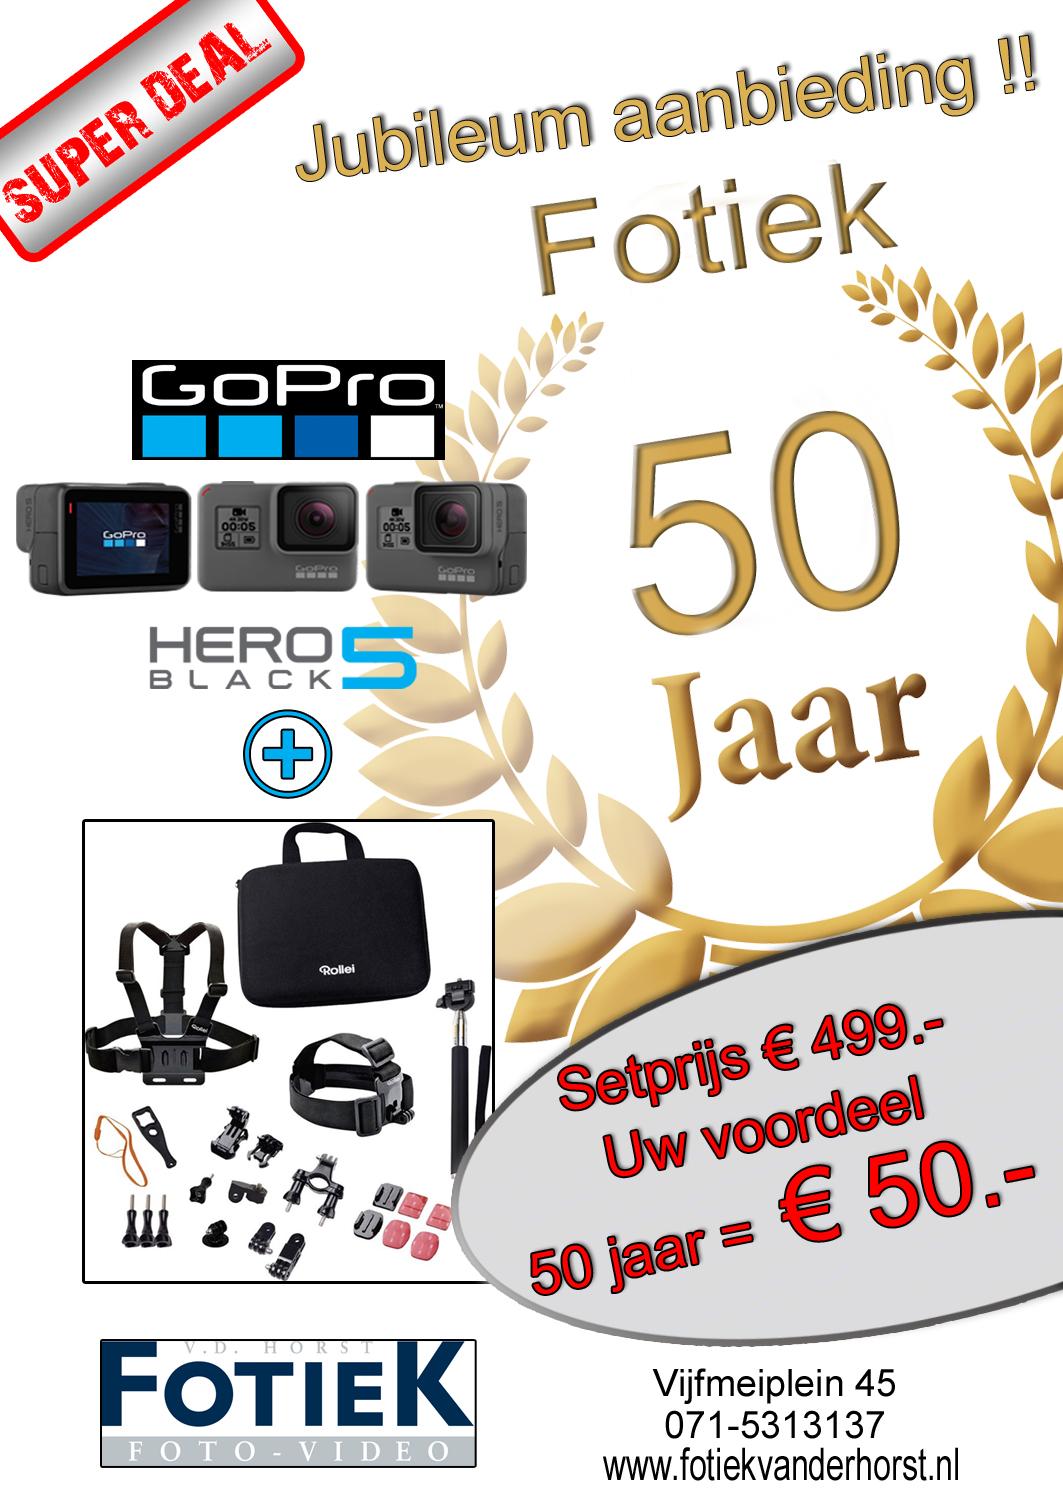 Jubileum fotiek 50